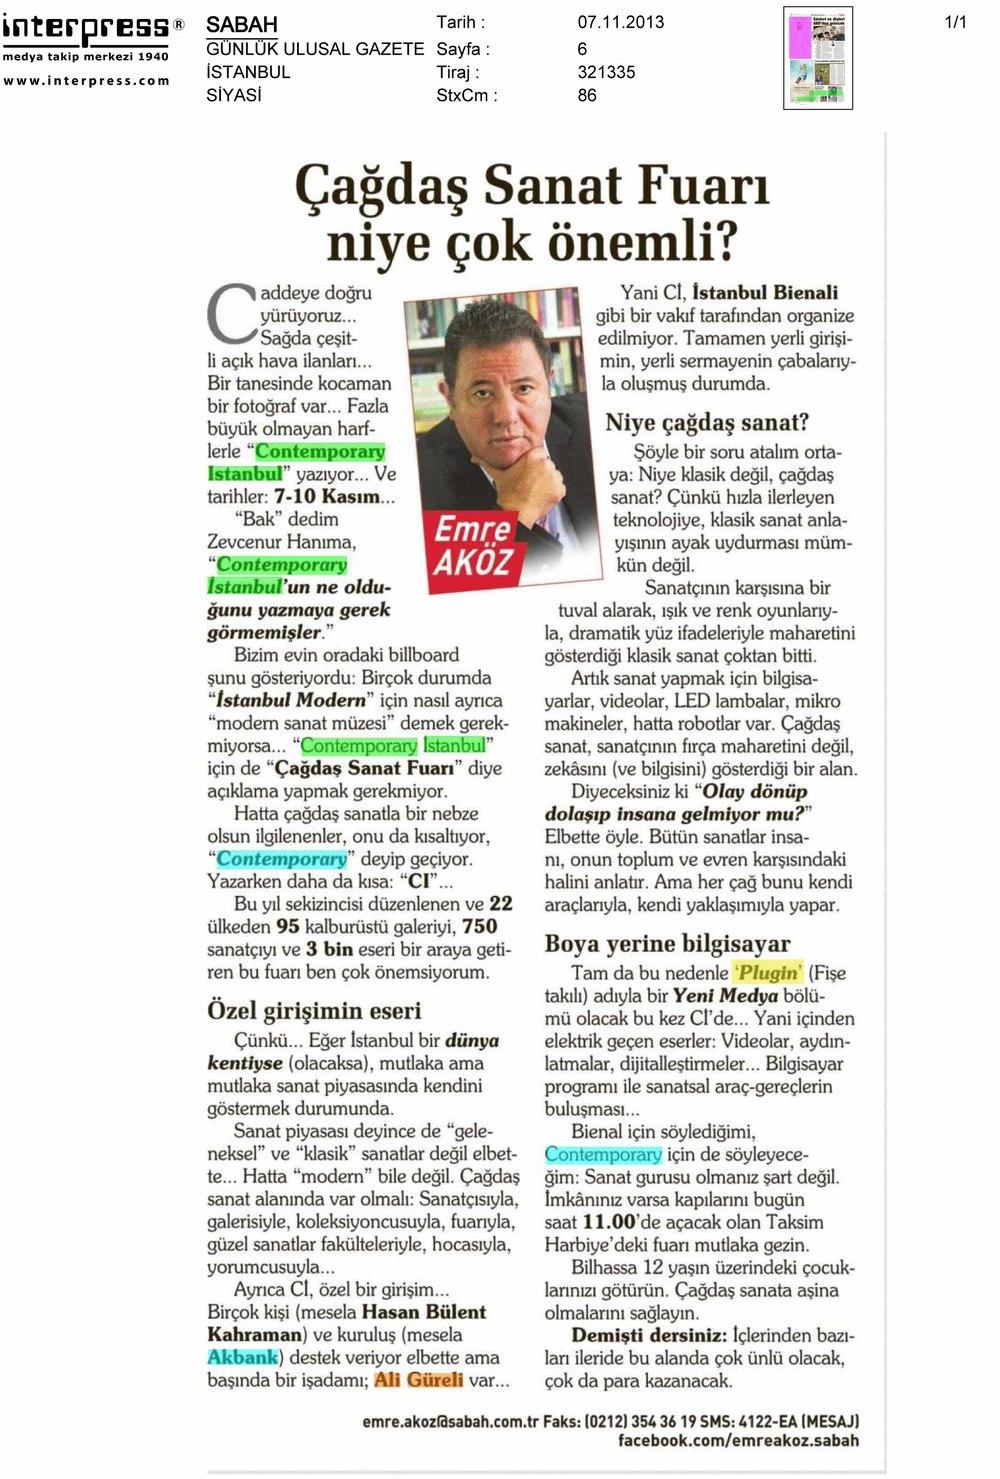 Sabah - Ulusal Günlük Gazete - 07.jpg